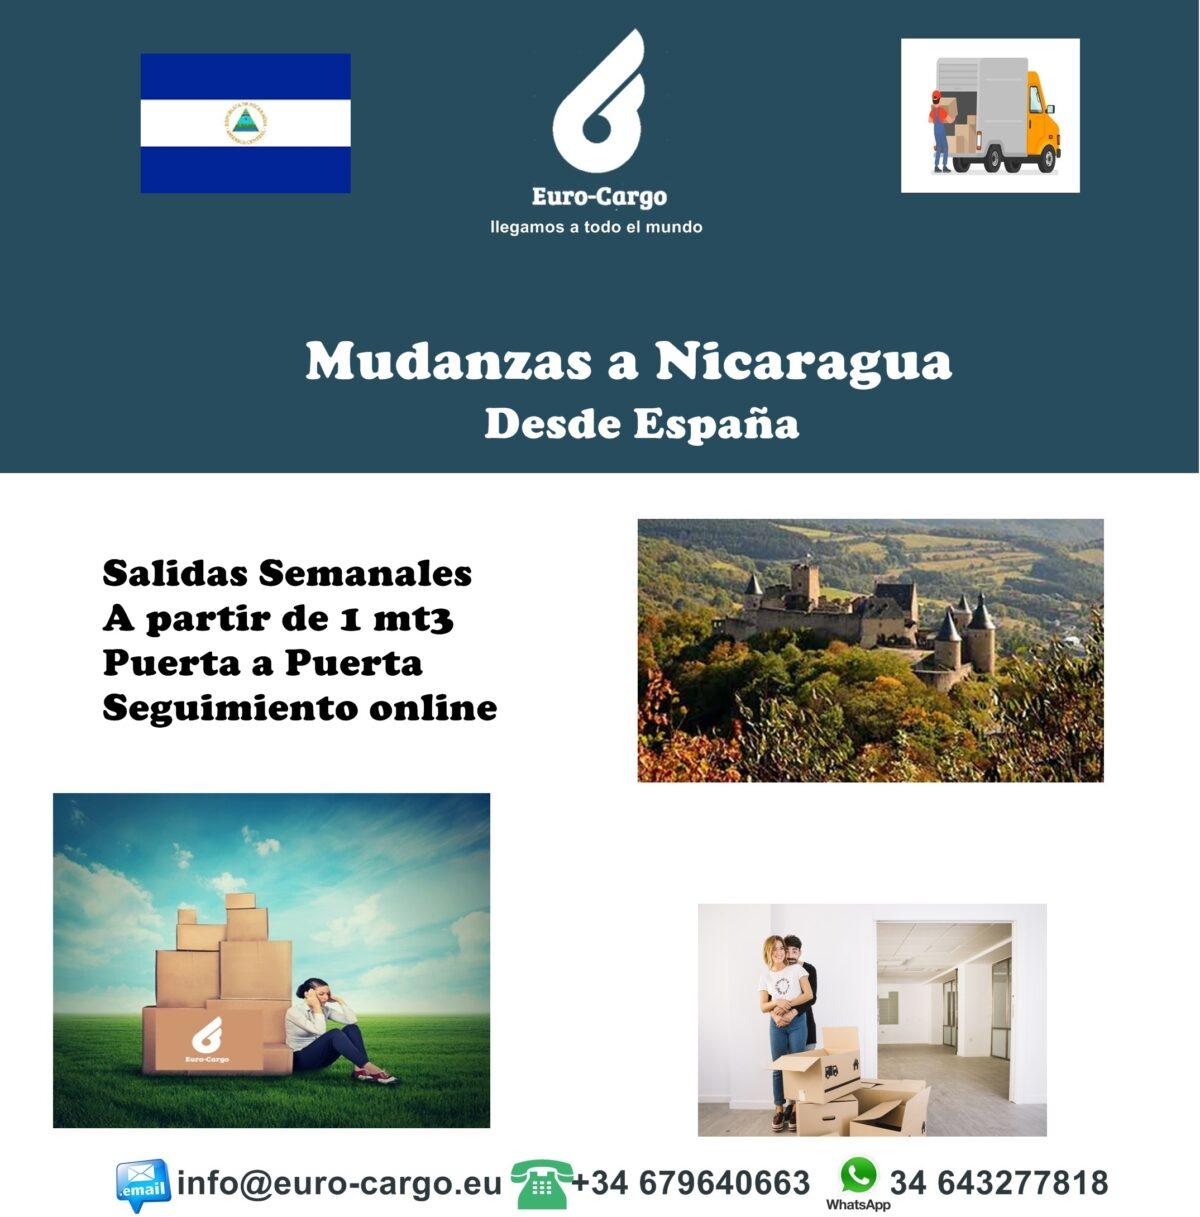 Mudanzas-a-Nicaragua-1200x1217.jpg